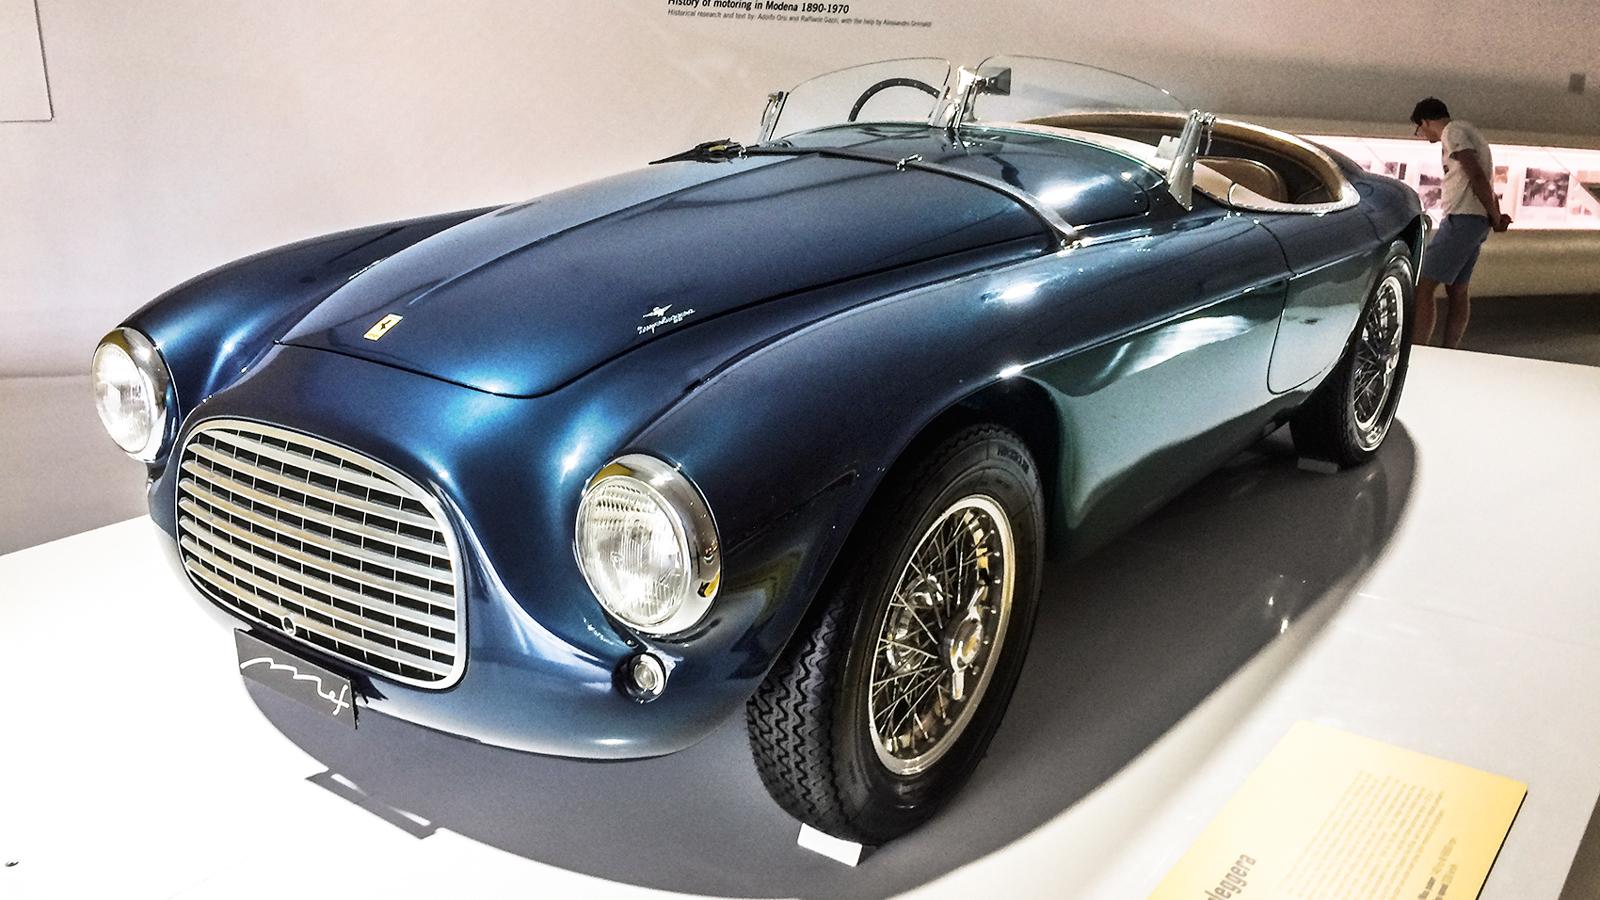 Ferrari 166 Mille MIglia Barchetta, de 1950